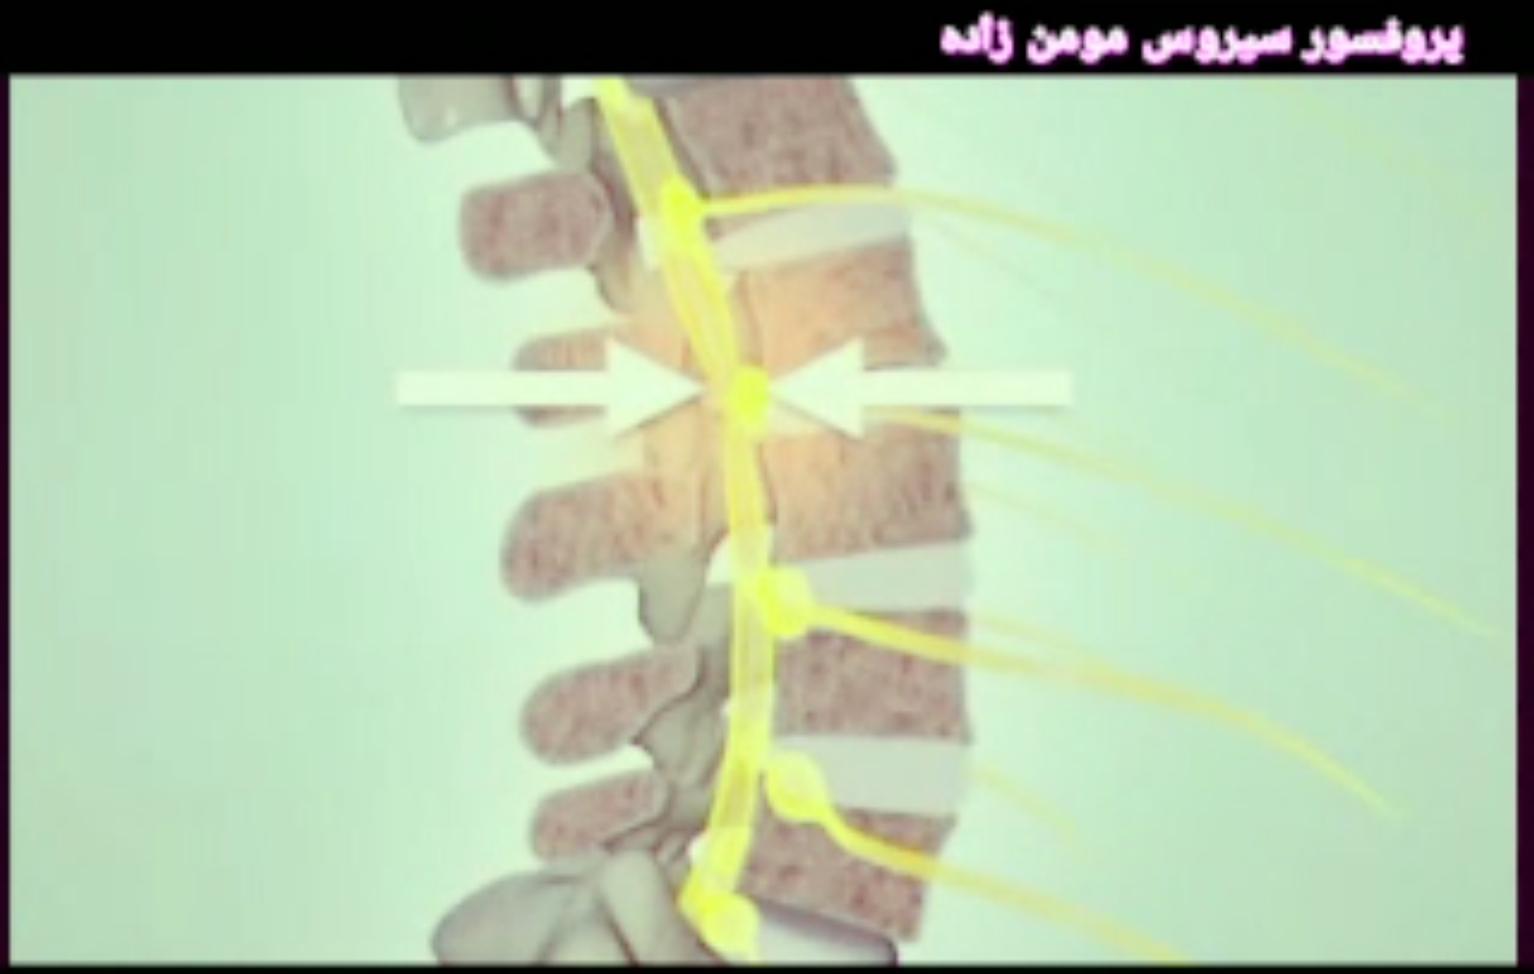 تنگی کانال نخاعی چگونه ایجاد می شود؟